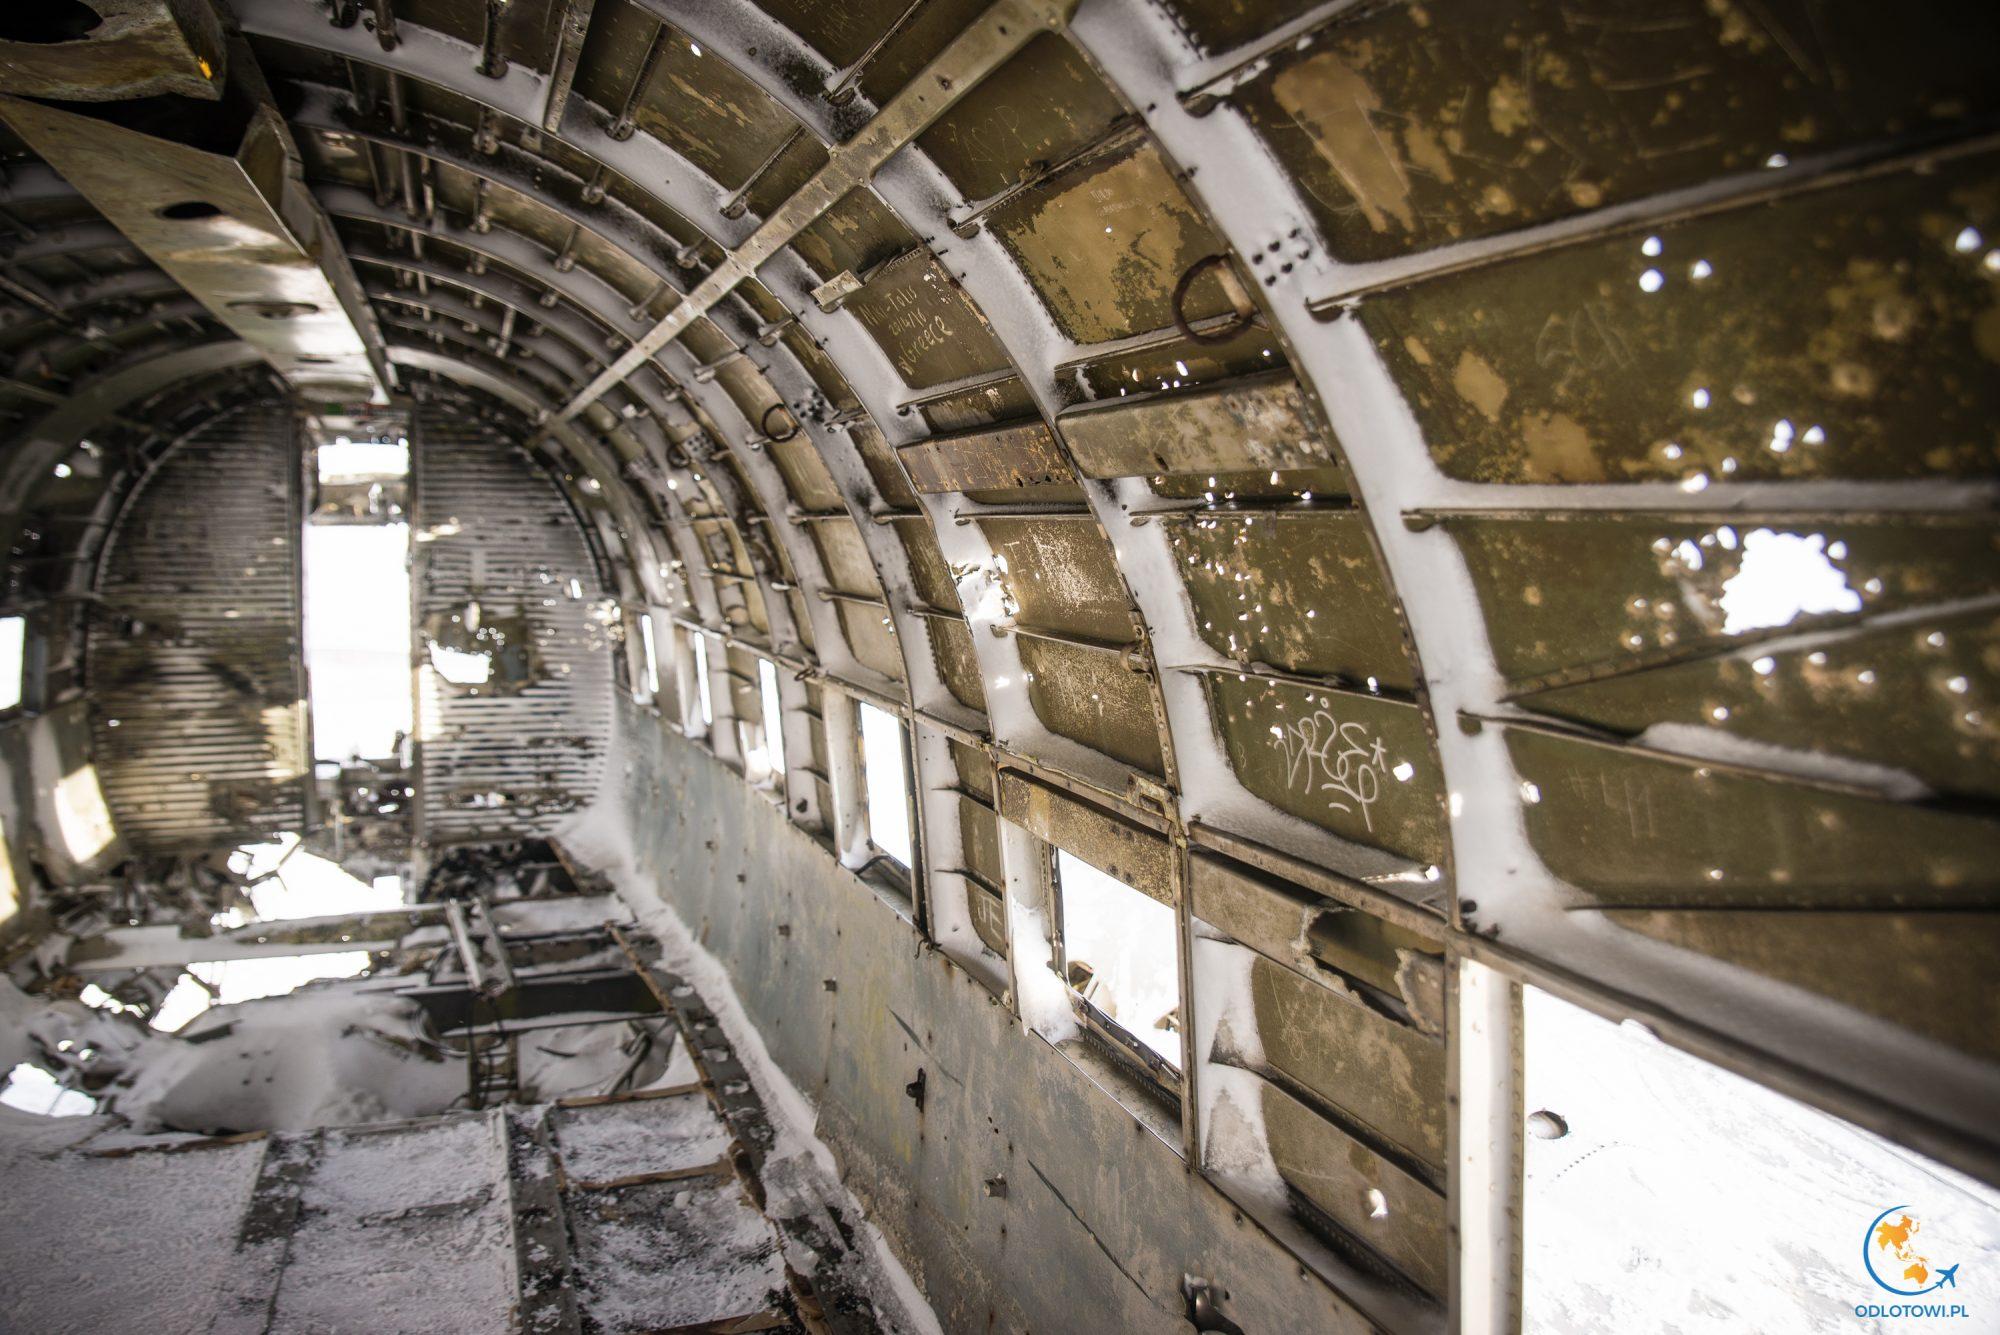 Wrak samolotu U.S. Navy DC-3